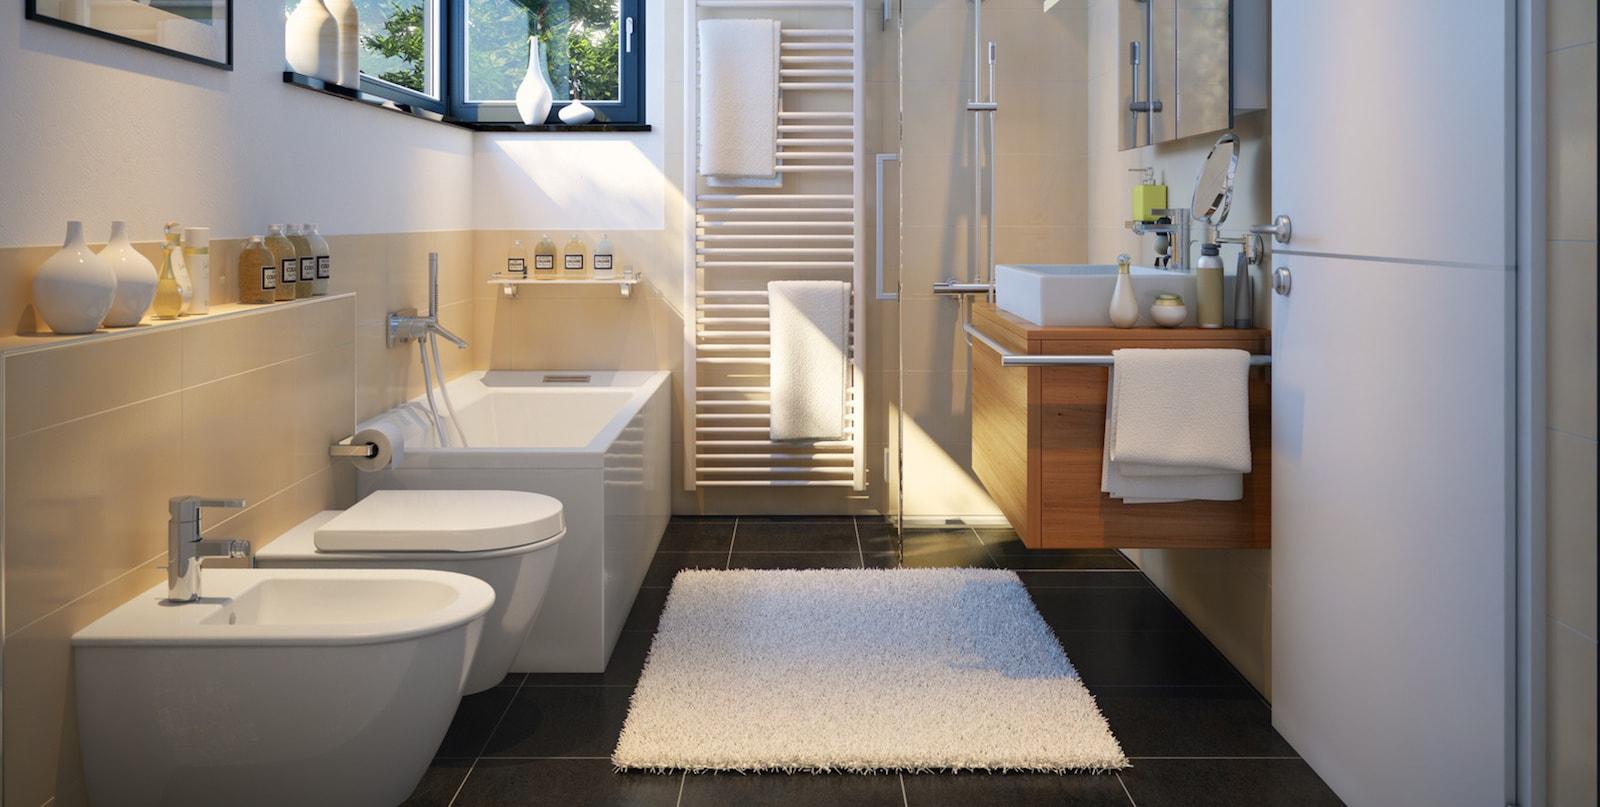 badsanierung-und-badgestaltung-luebeck